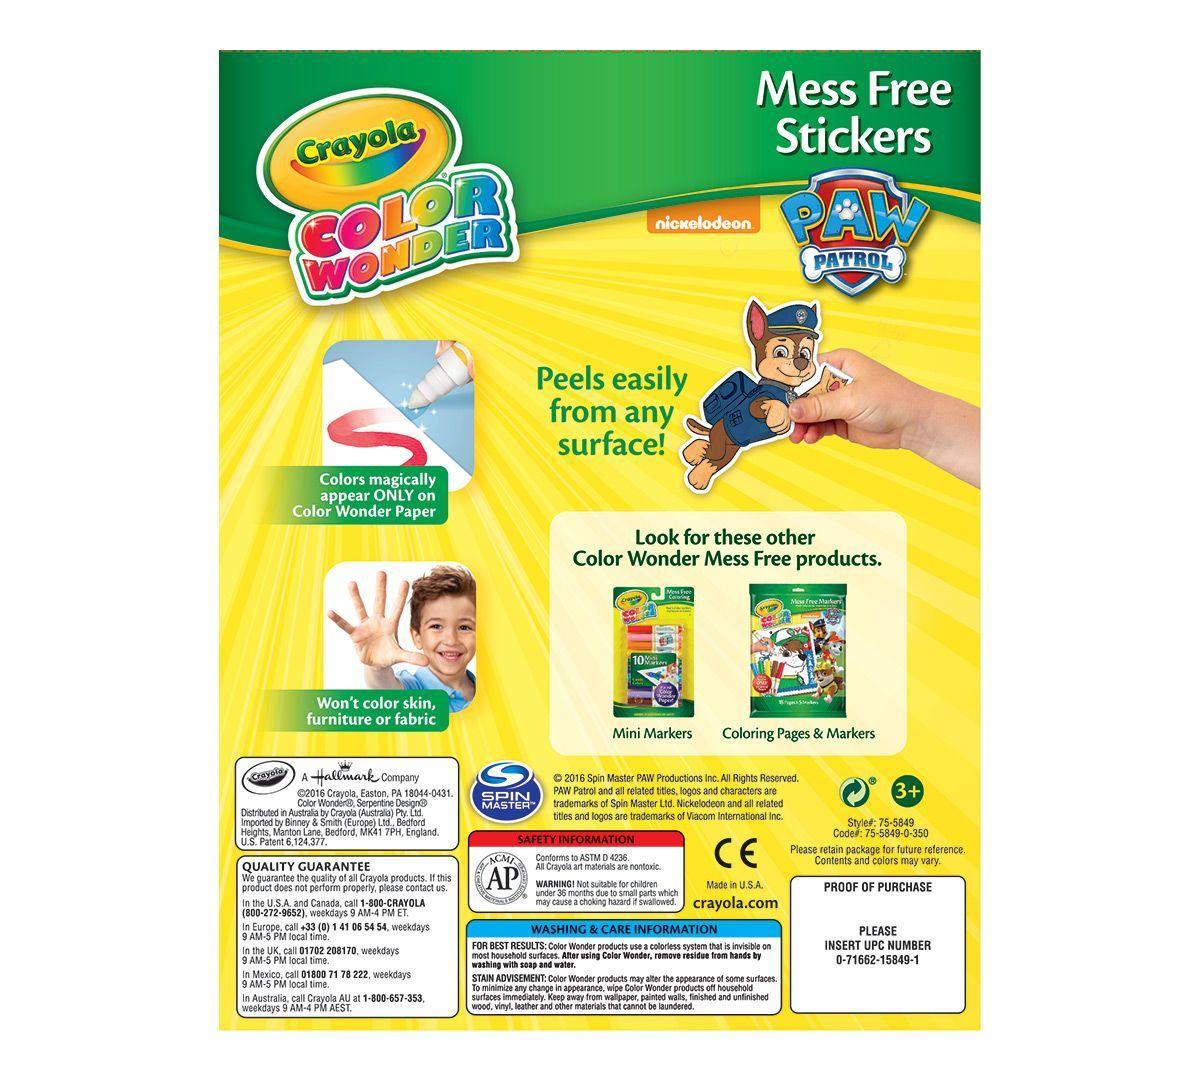 Crayola: Color Wonder Mess Free Sticker Set - Paw Patrol image